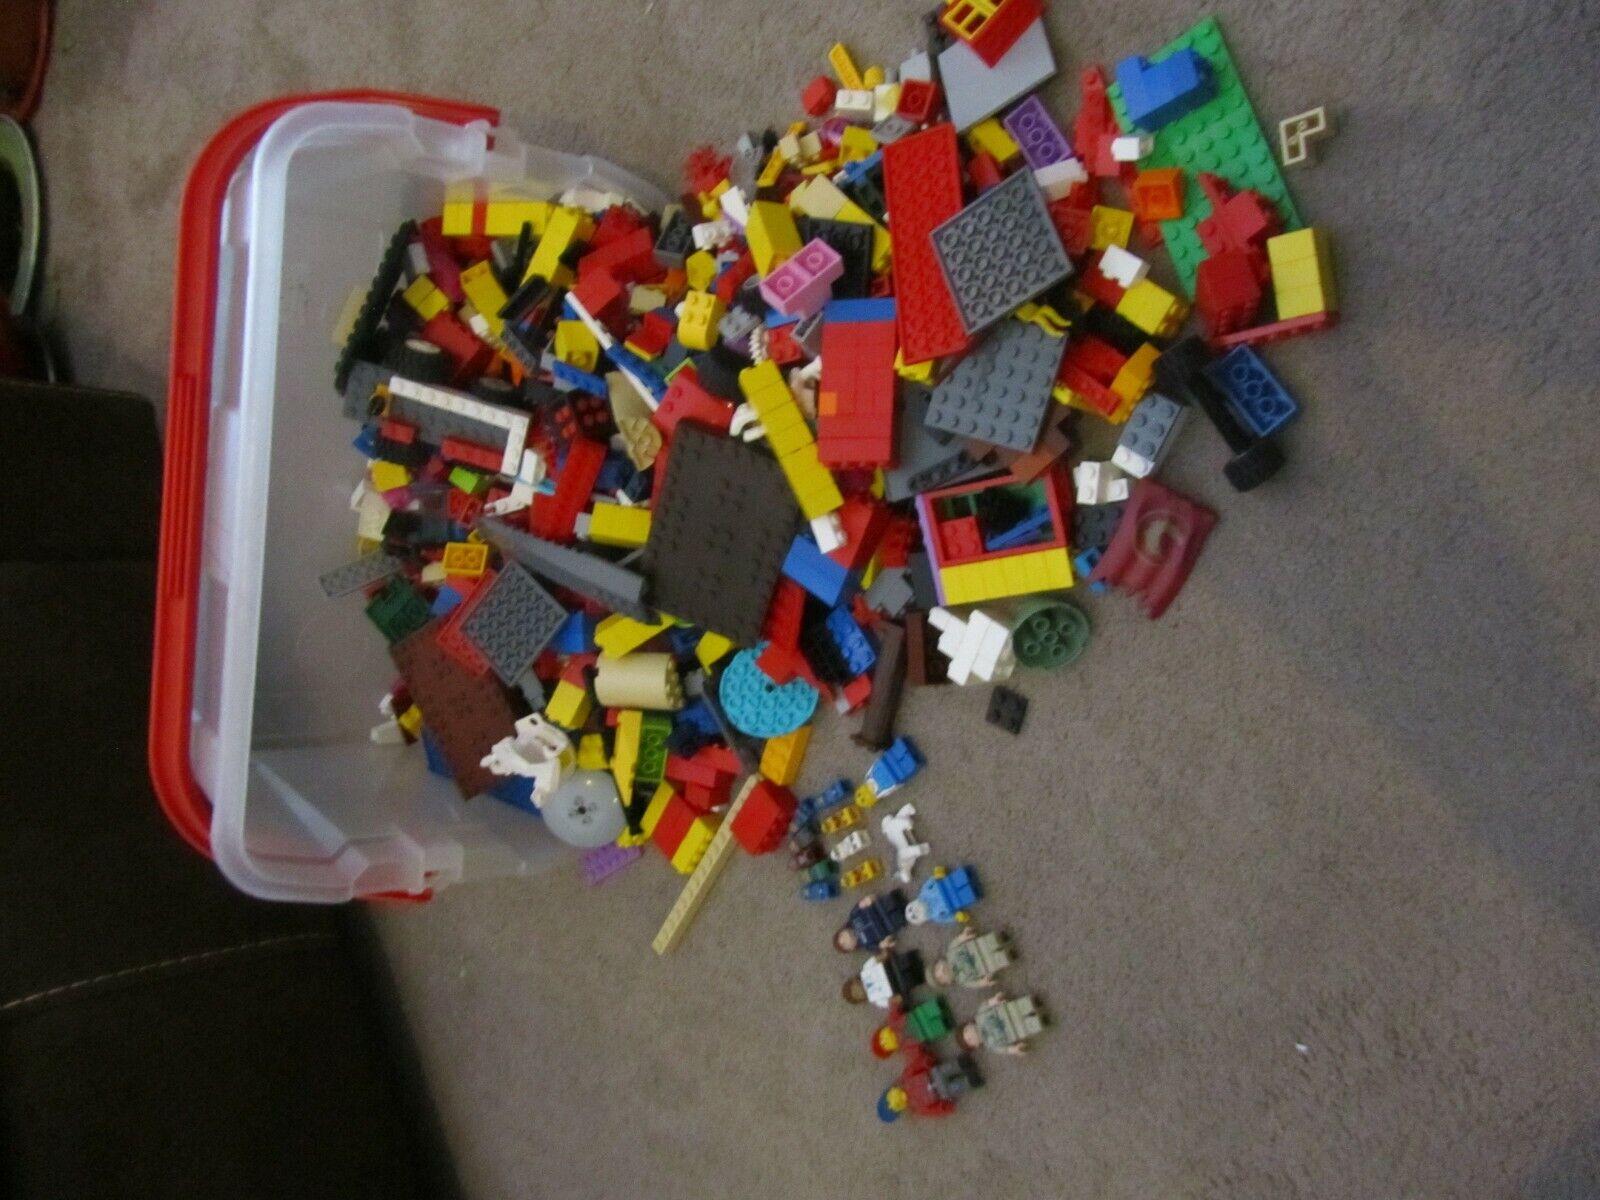 Lego 3KG piezas de Lego y 18 Figuras X